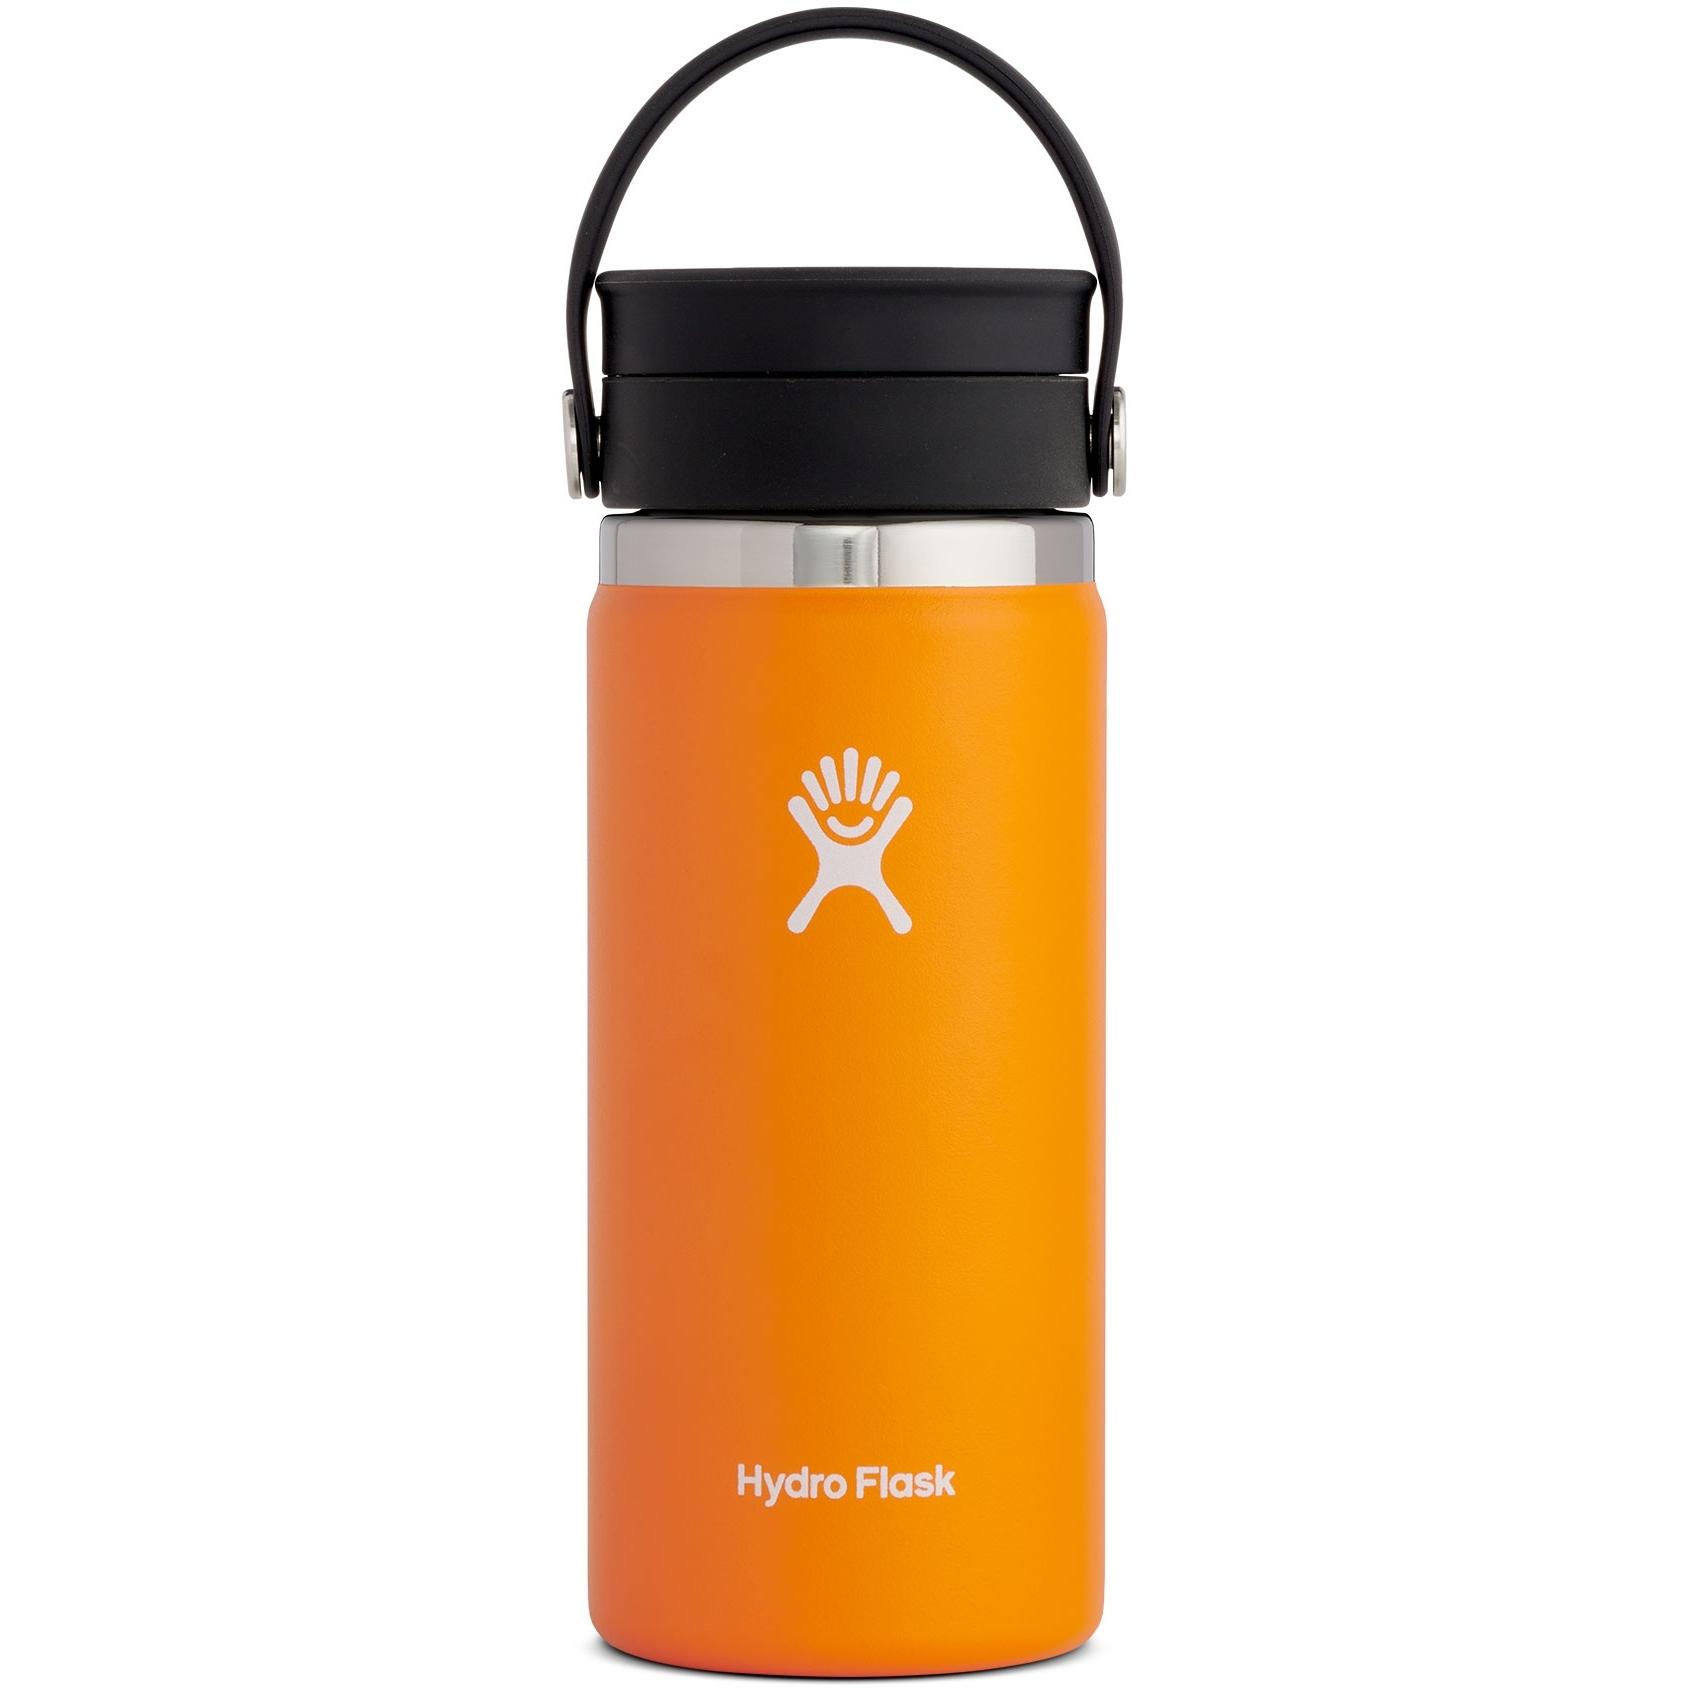 Hydro Flask 16 oz Wide Mouth Coffee Kaffeebecher mit Flex Sip Deckel - 473 ml - Clementine